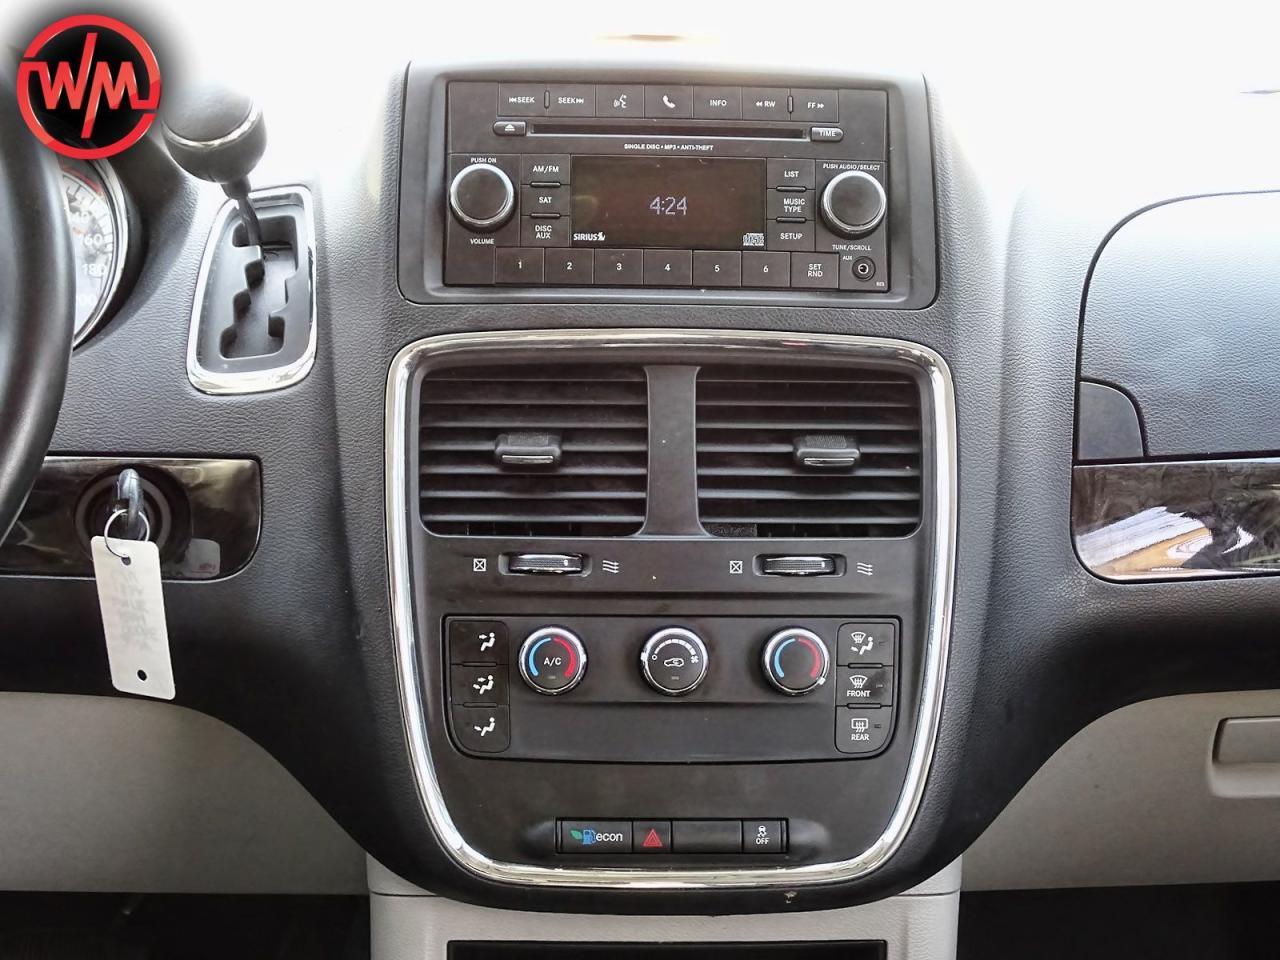 2014 Dodge Ram Van